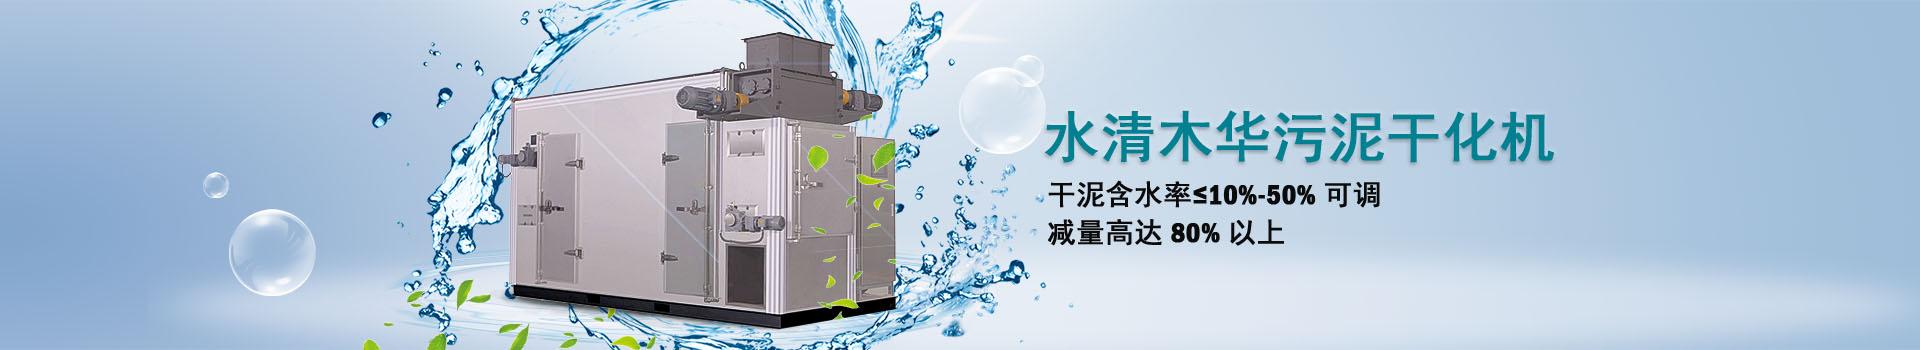 水清木华 污泥干化机